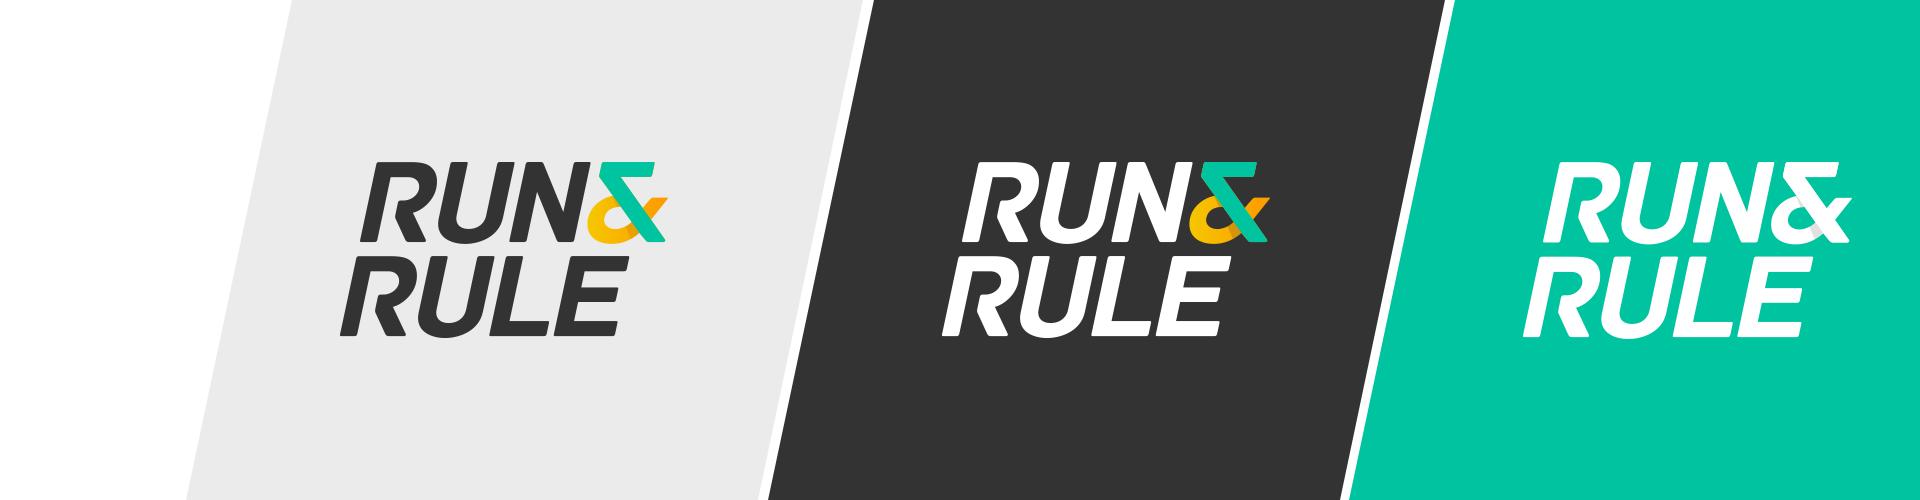 rr_04_logo_variations